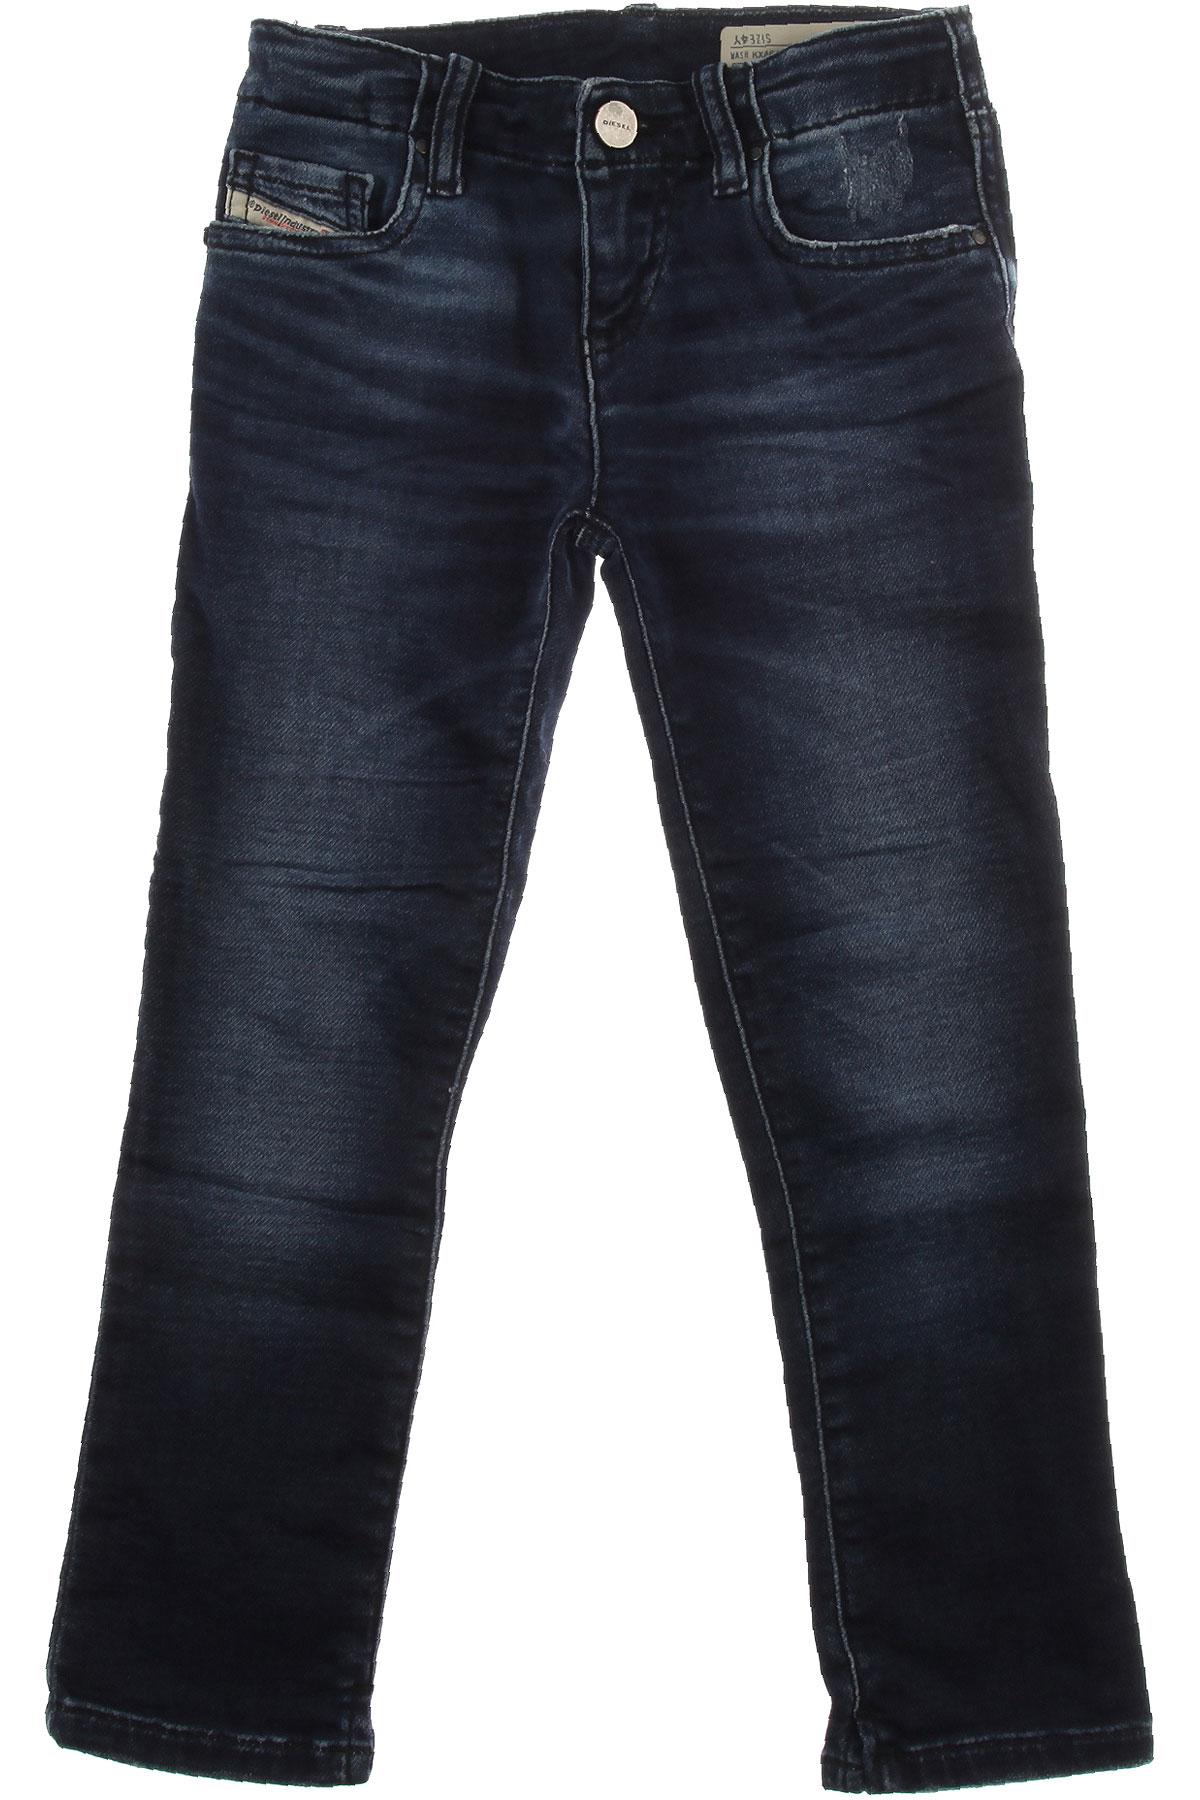 Image of Diesel Kids Pants for Boys, Denim, Cotton, 2017, 10Y 14Y 16Y 4Y 6Y 8Y